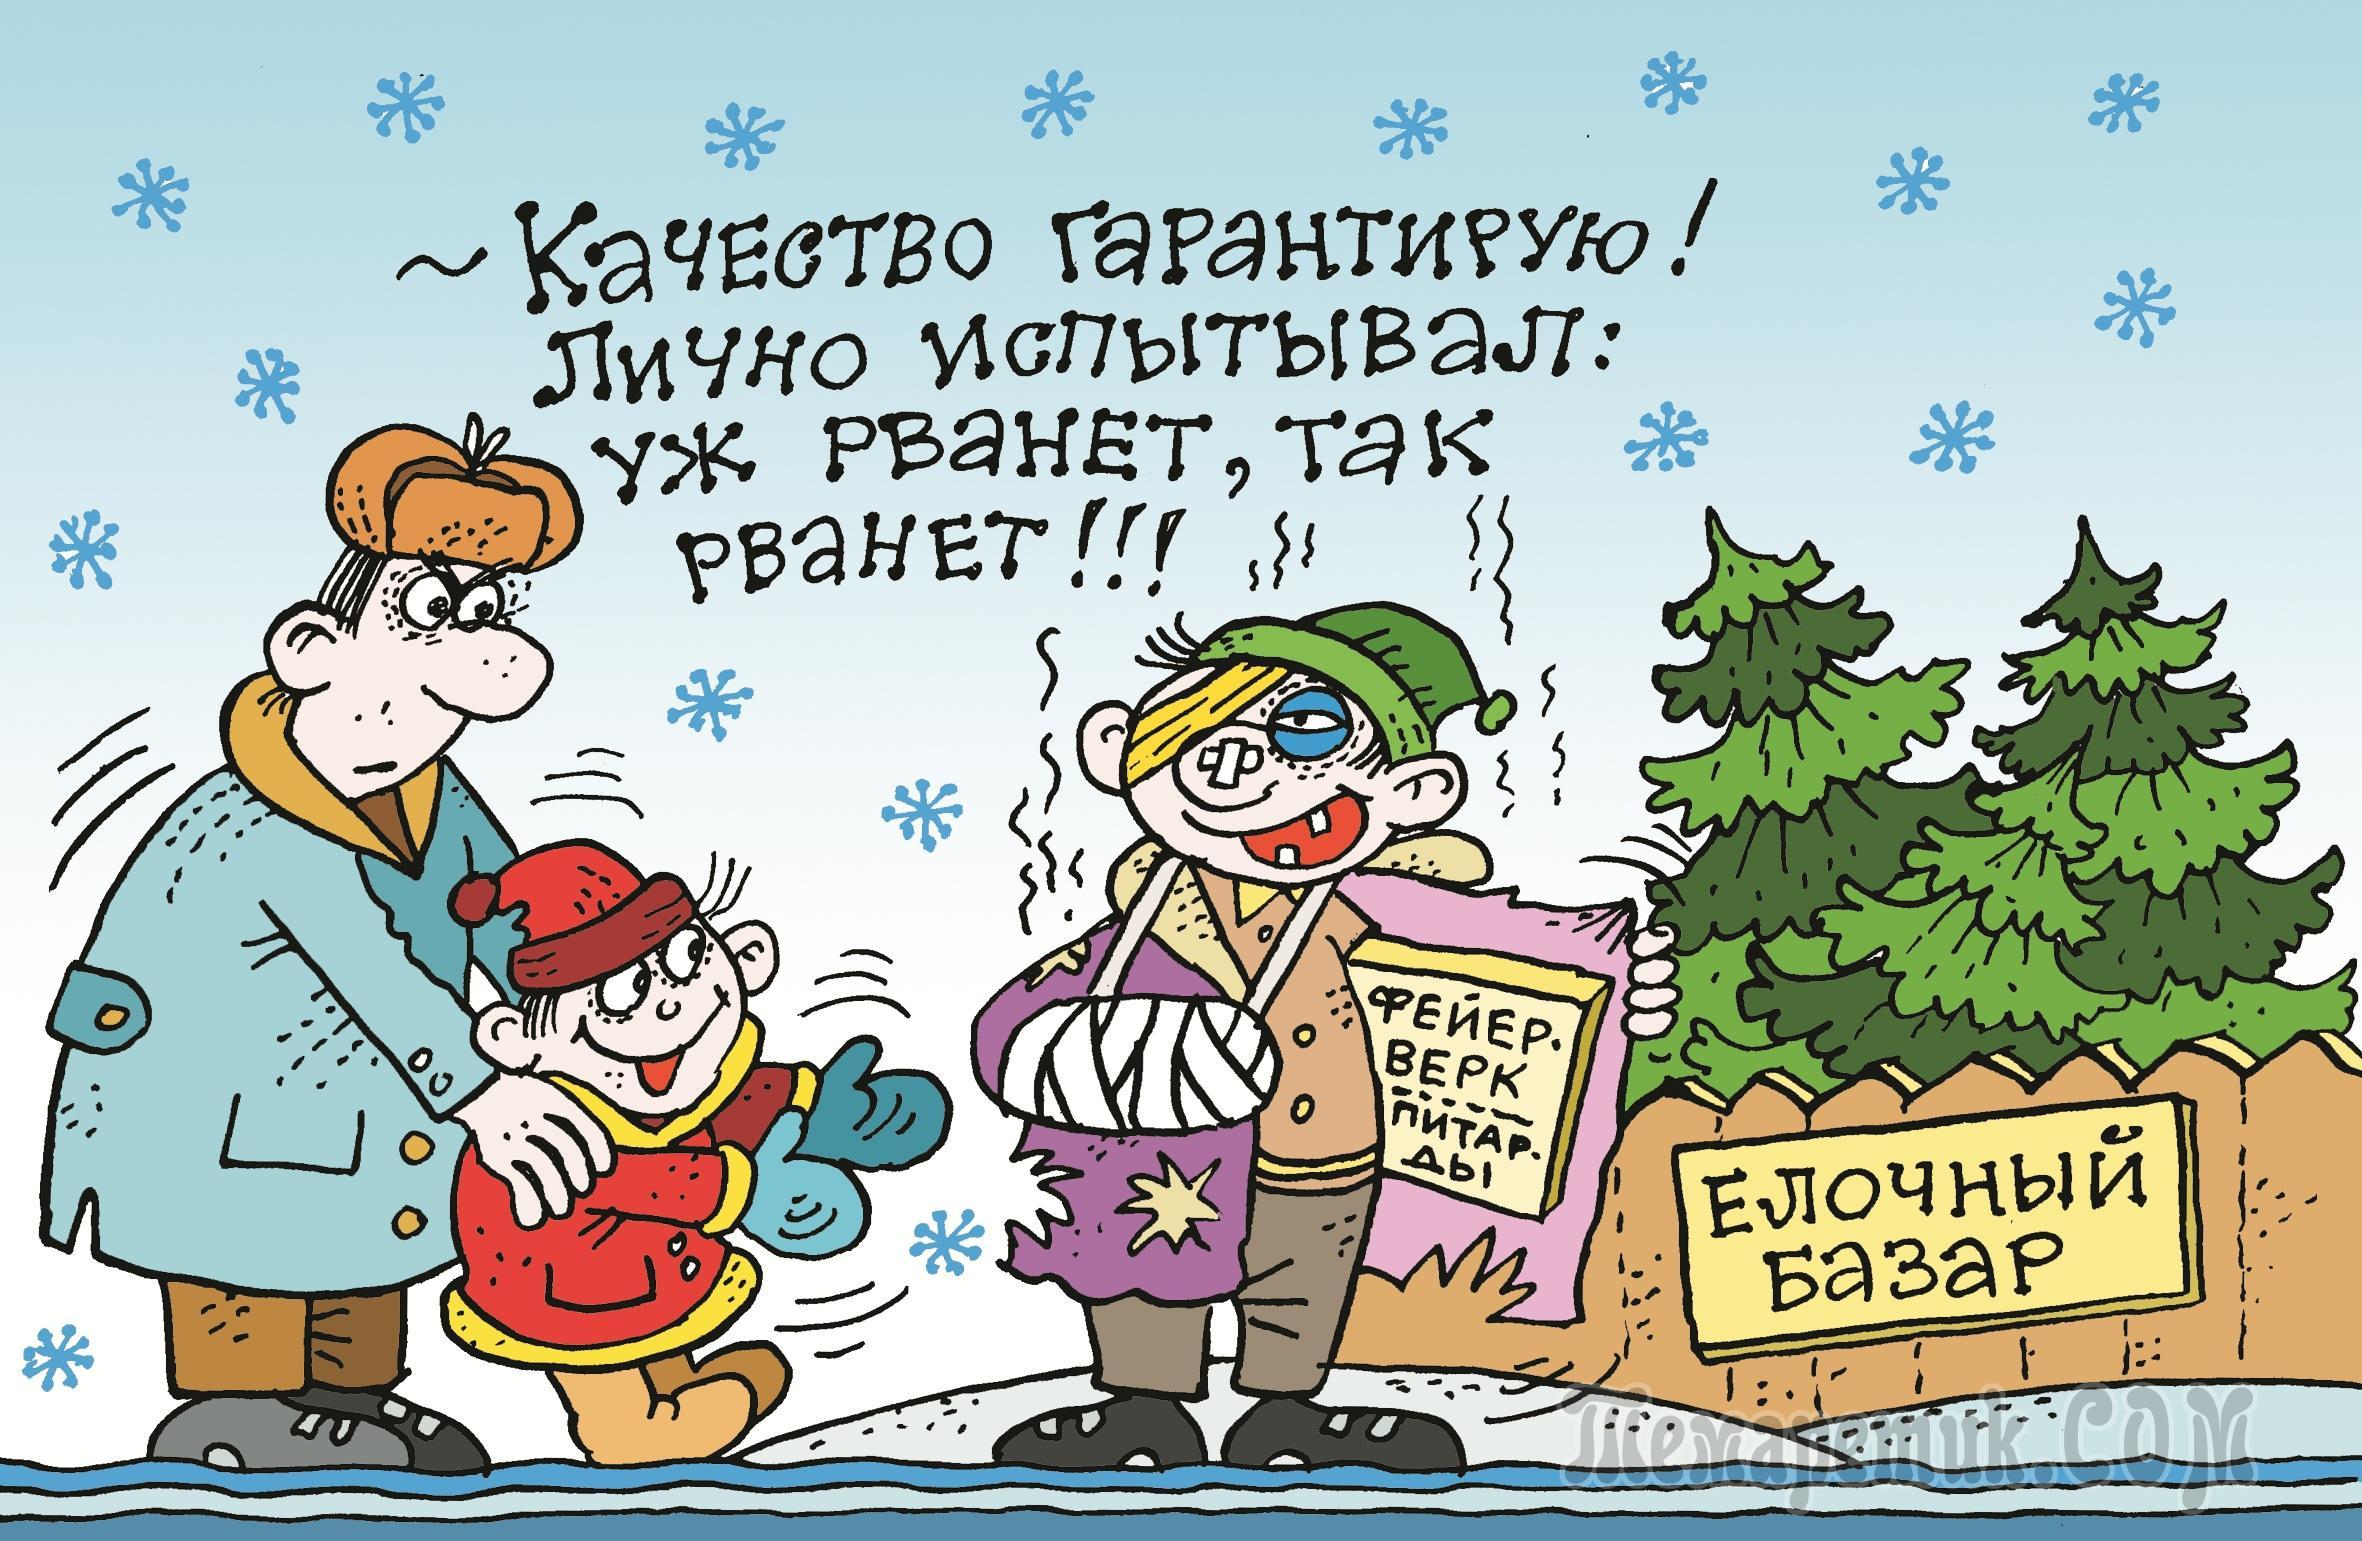 Безопасный новый год рисунки картинки 7